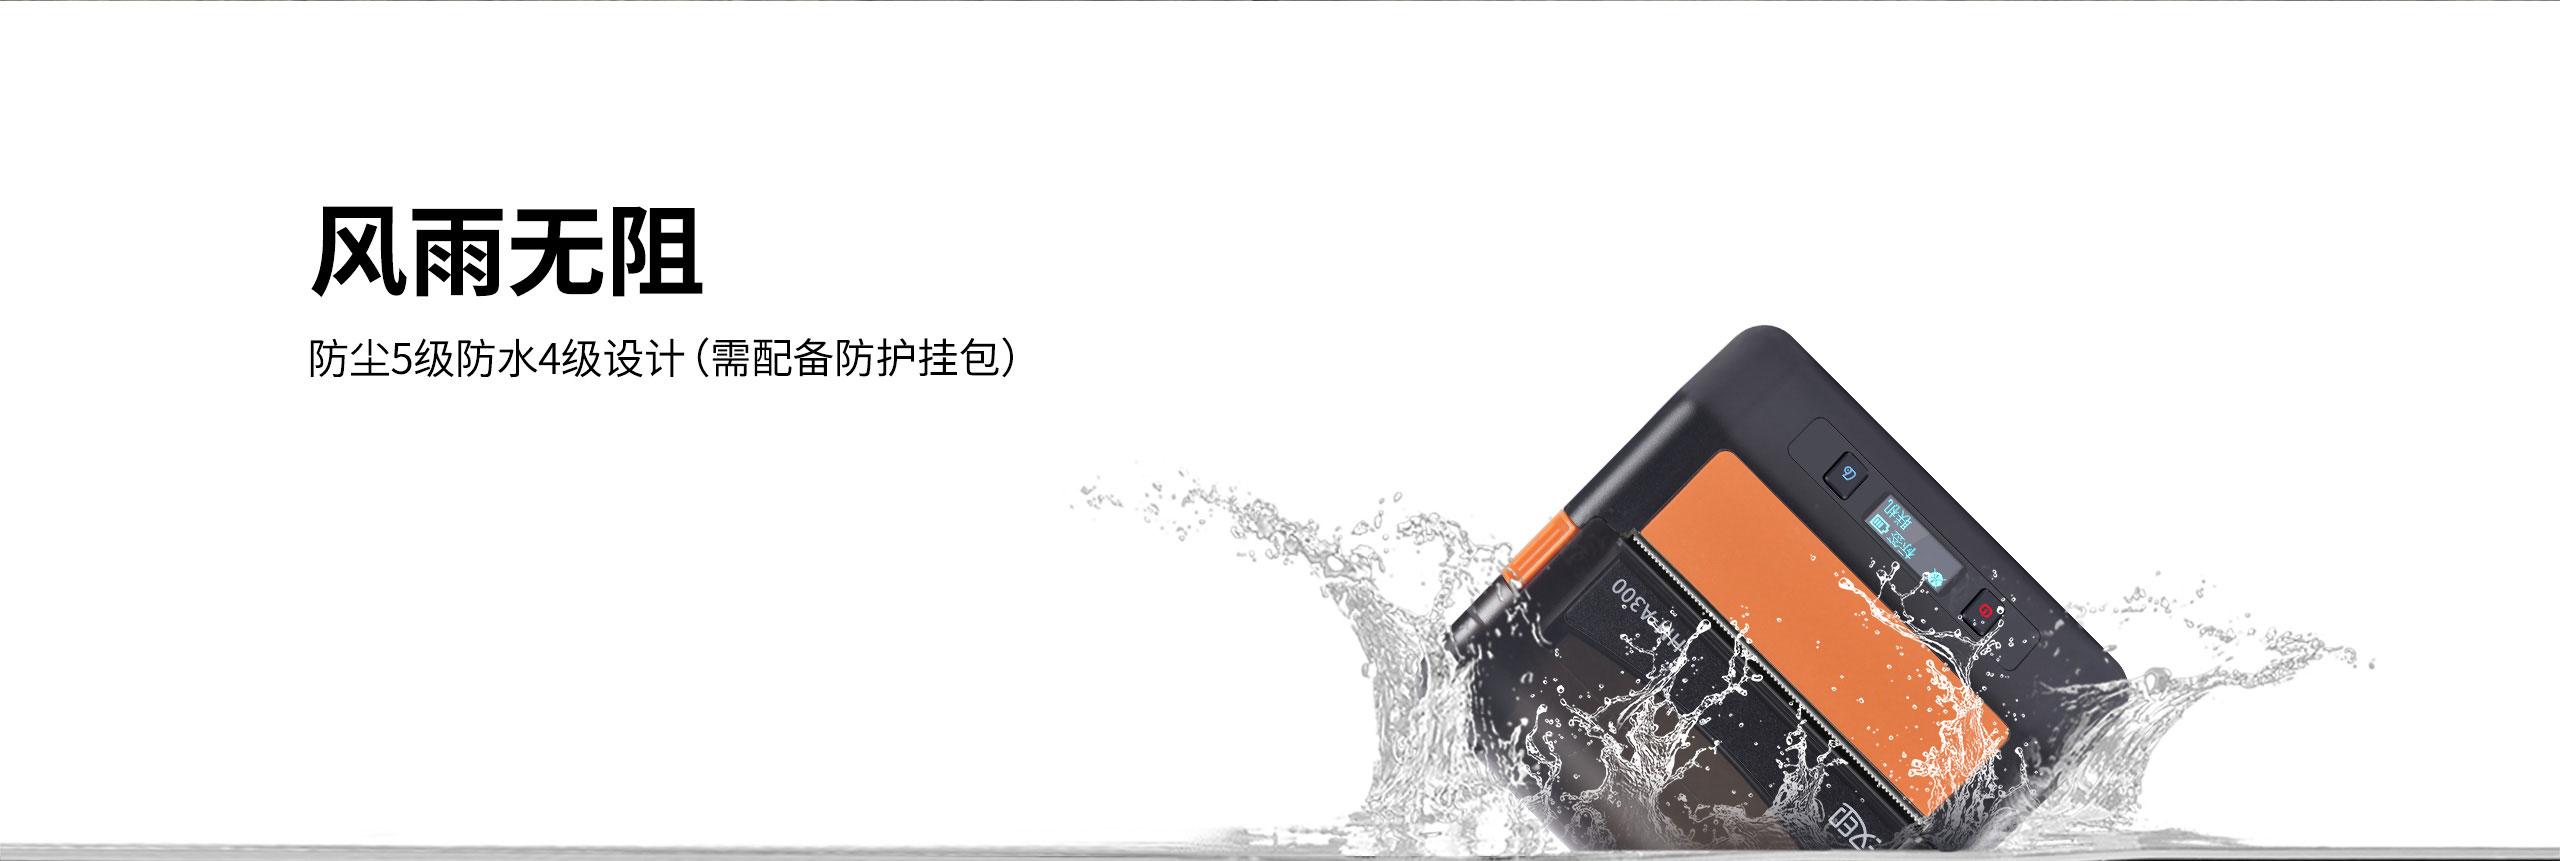 汉印HM-A300便捷式蓝牙打印机  第9张